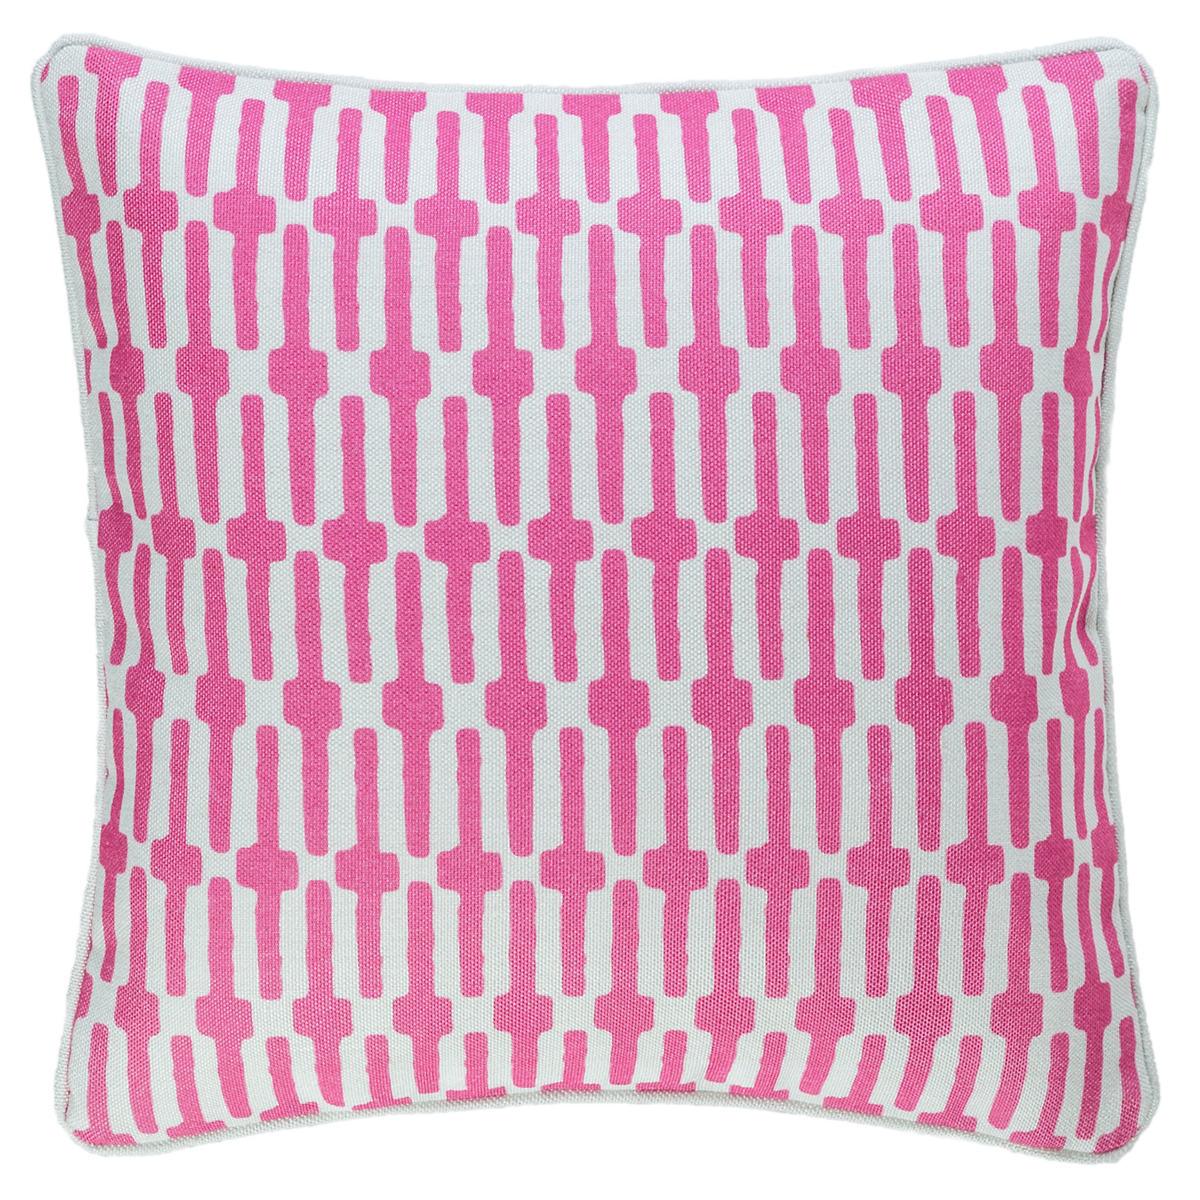 Links Fuchsia Indoor/Outdoor Decorative Pillow